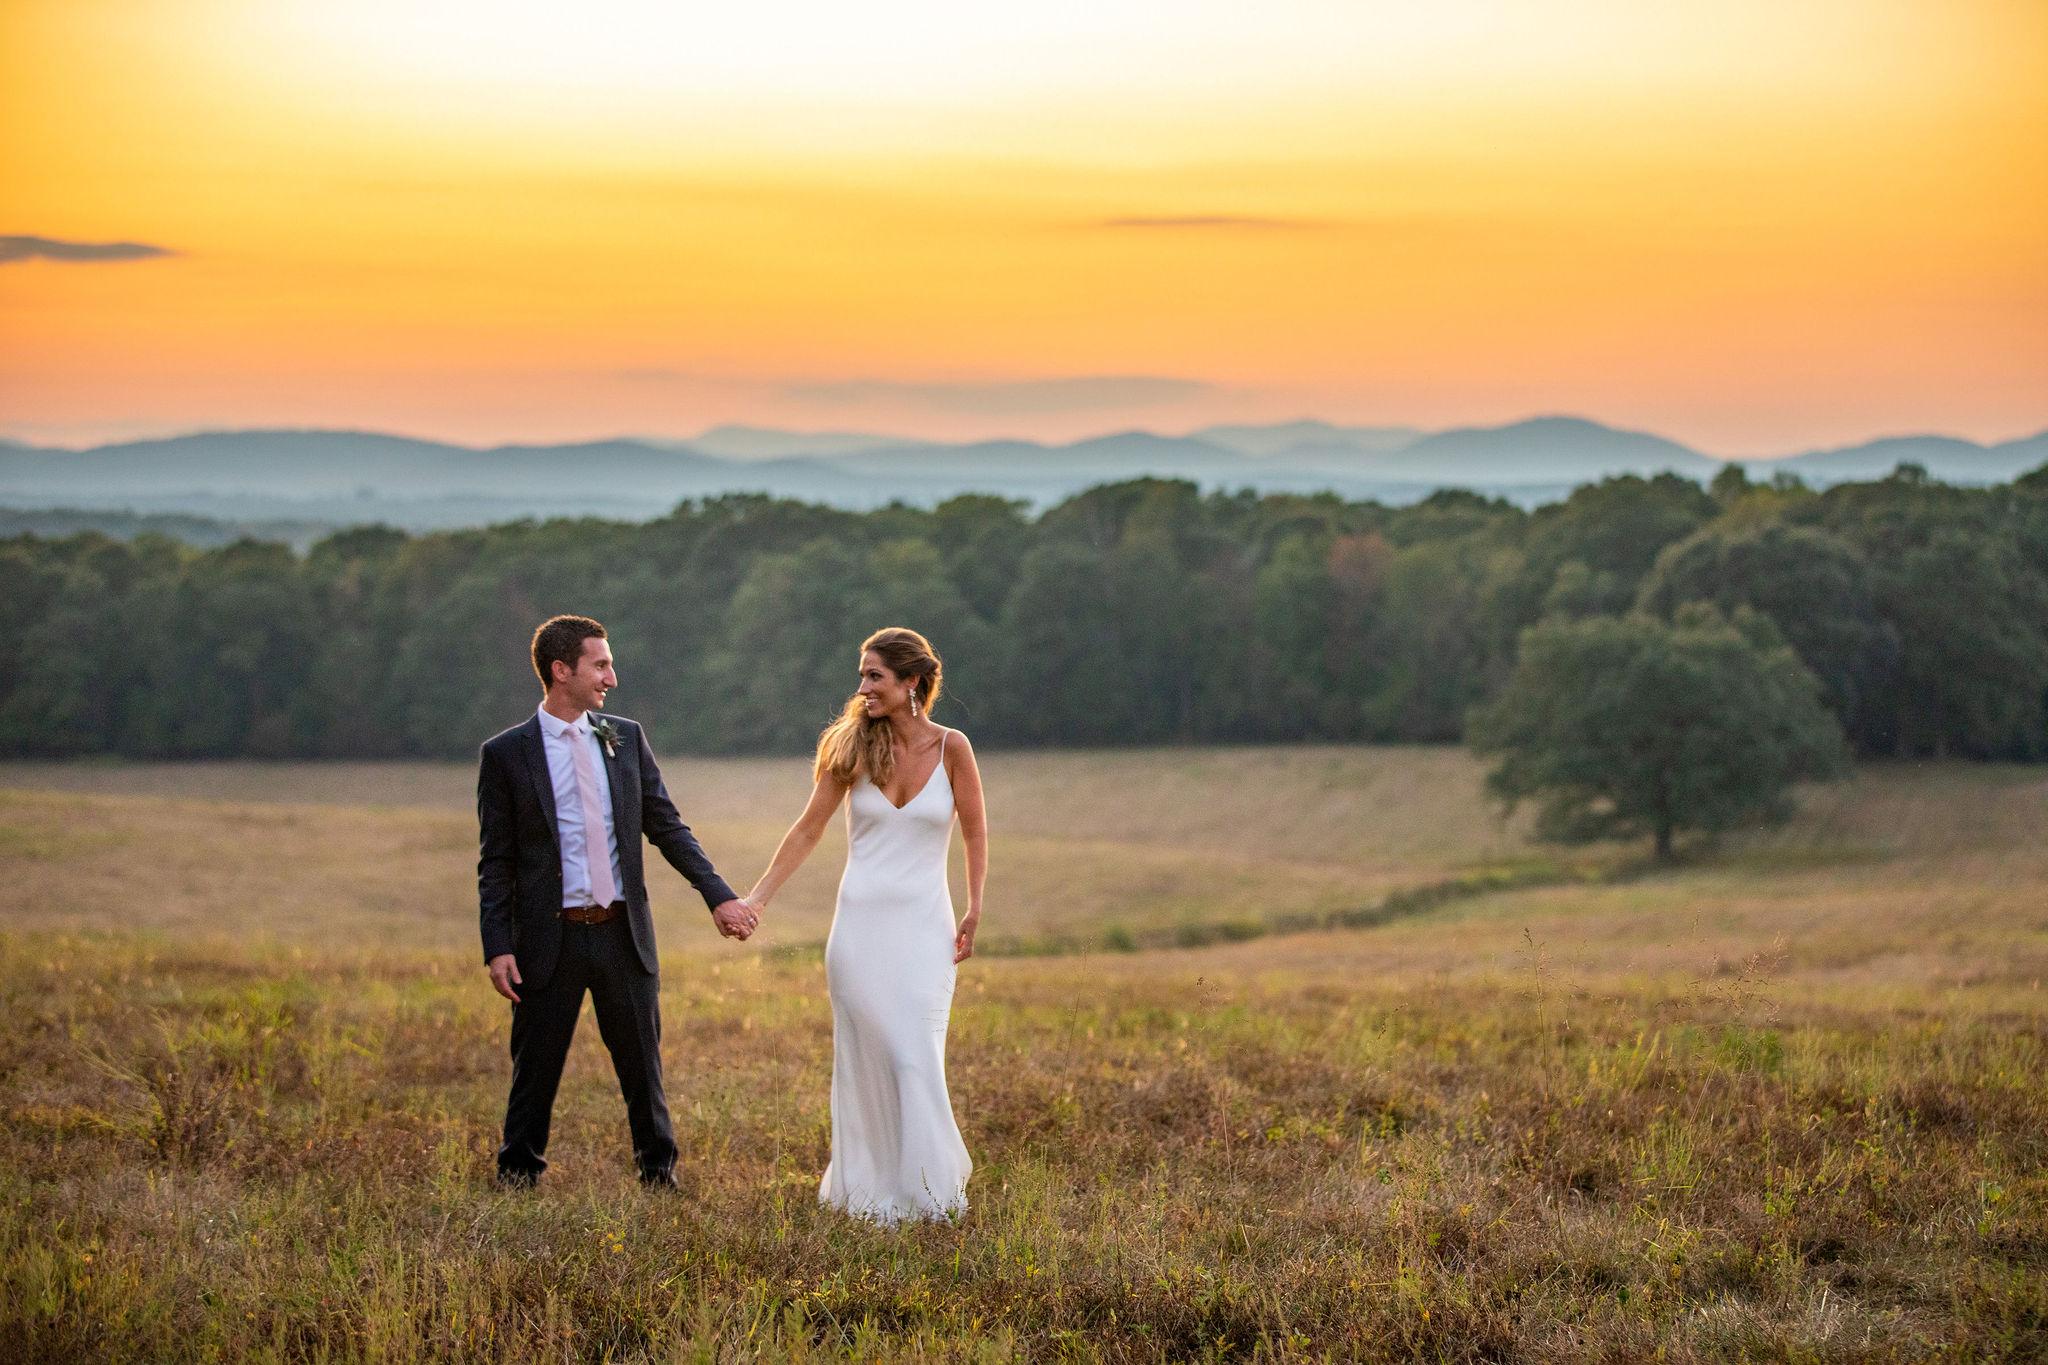 Meg & Eric- Charlottesville, Virginia